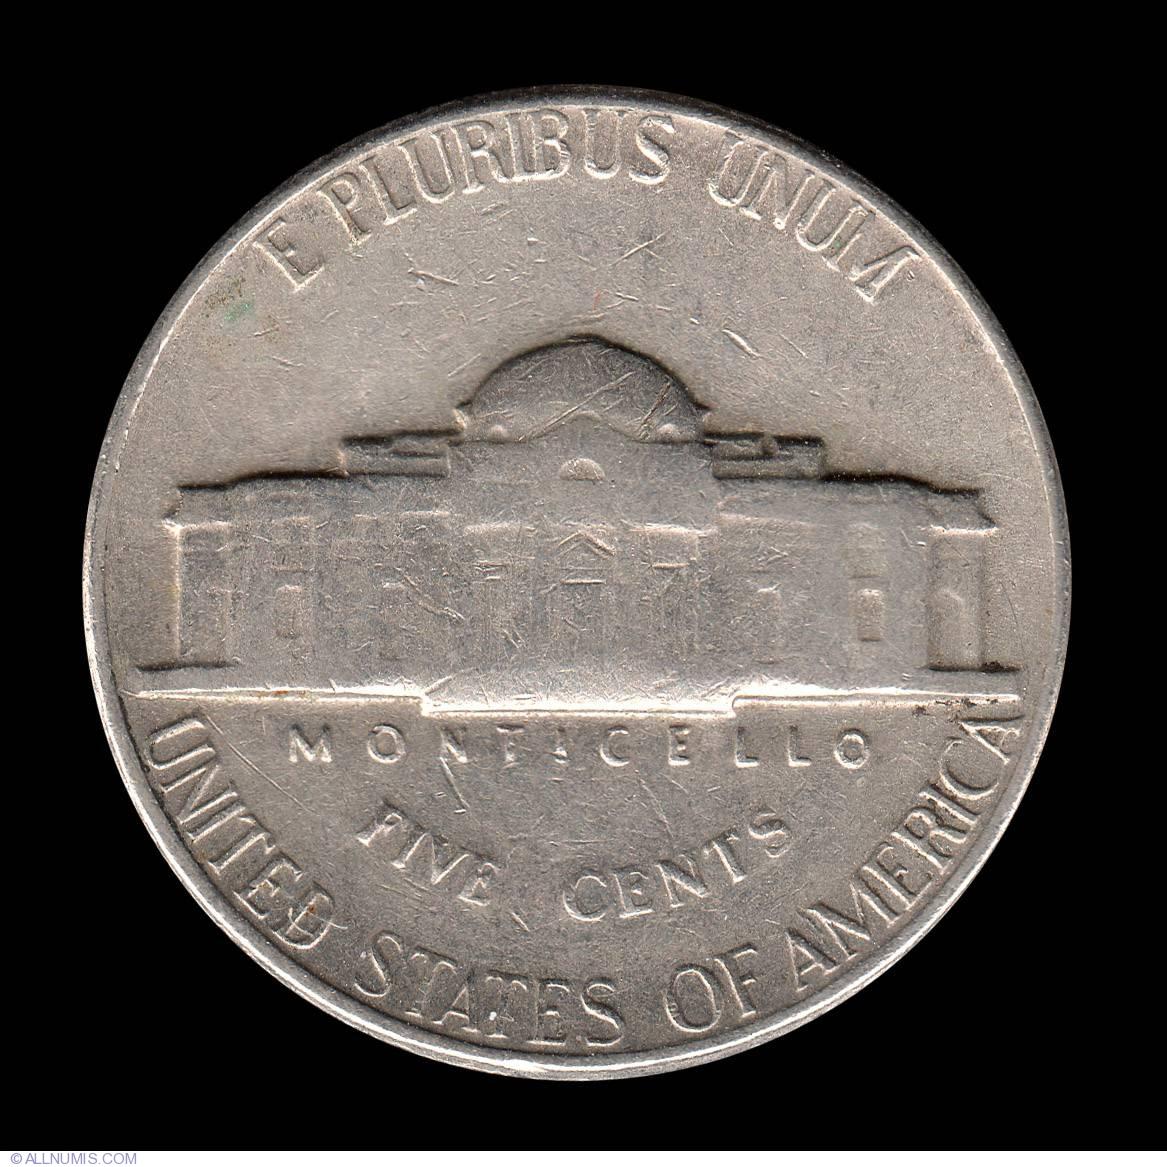 Jefferson Nickel 1968 D, Nickel (Five Cents), Jefferson